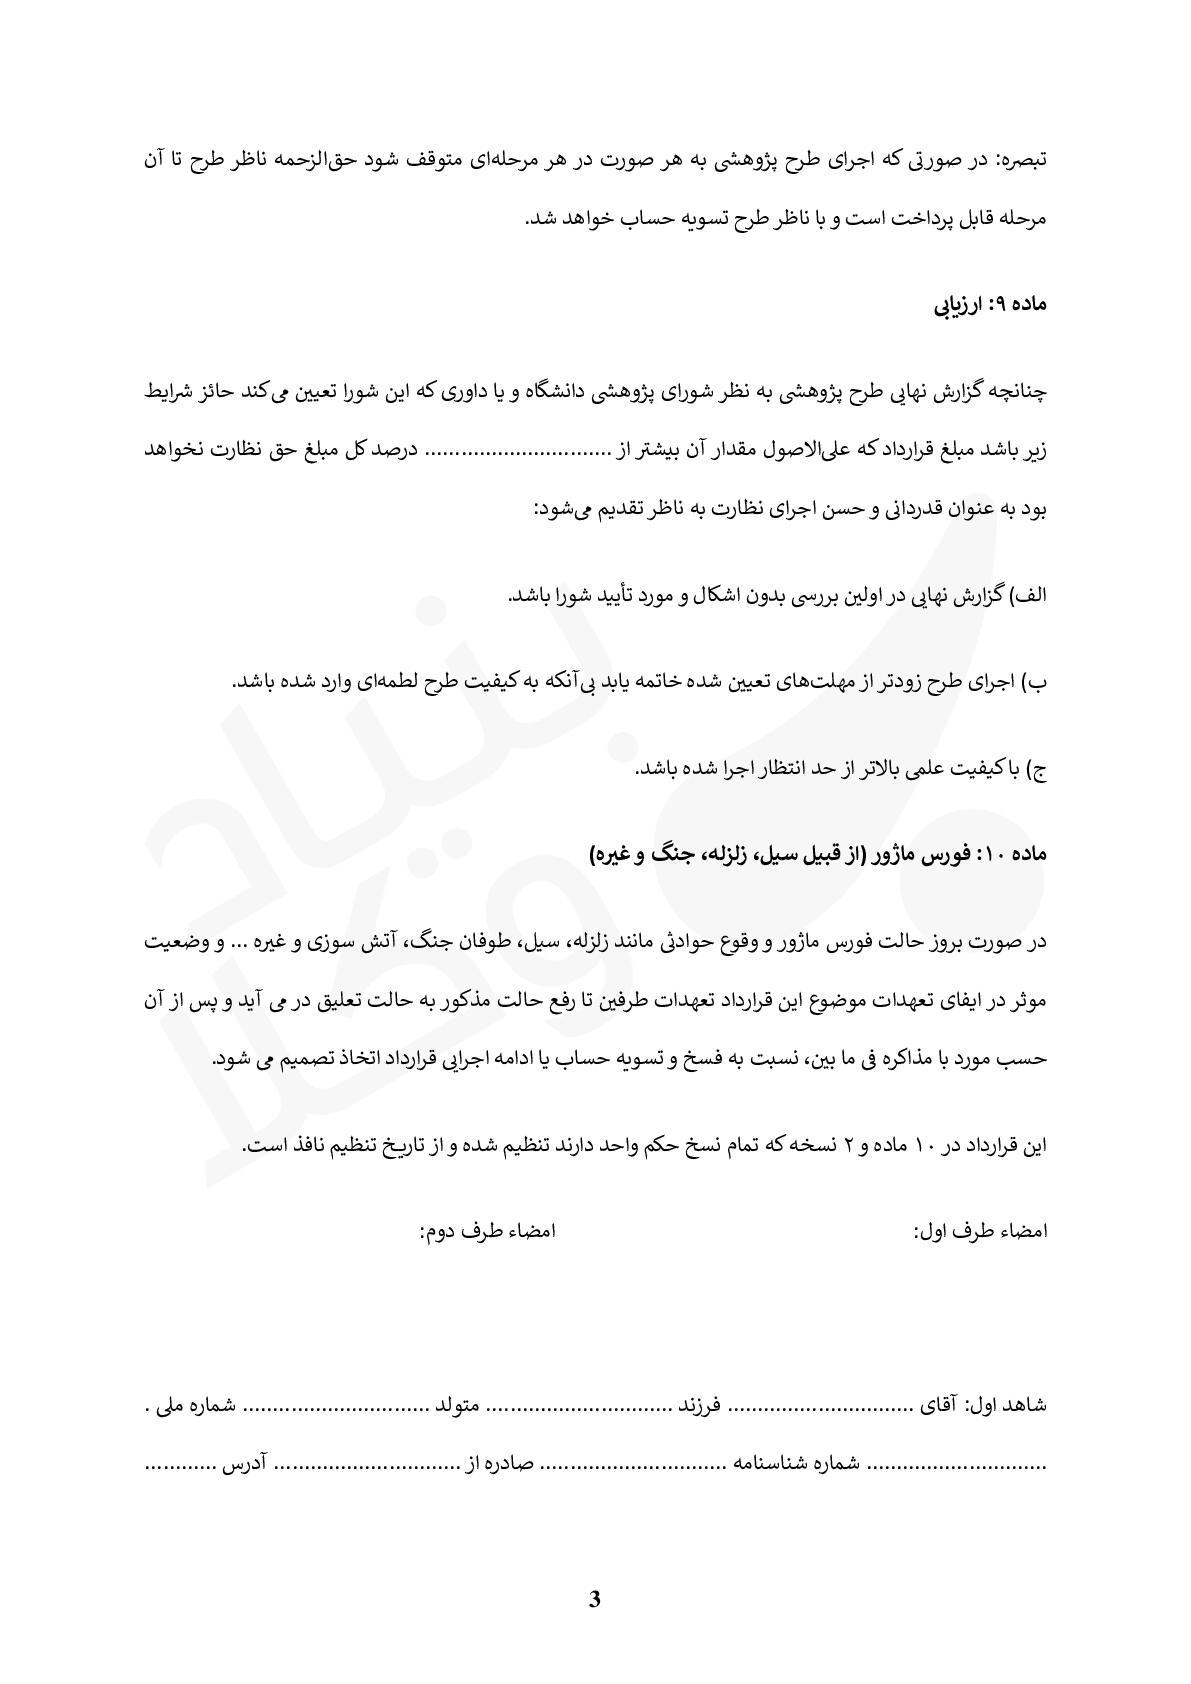 قرارداد نظارت بر طرحهای پژوهشی